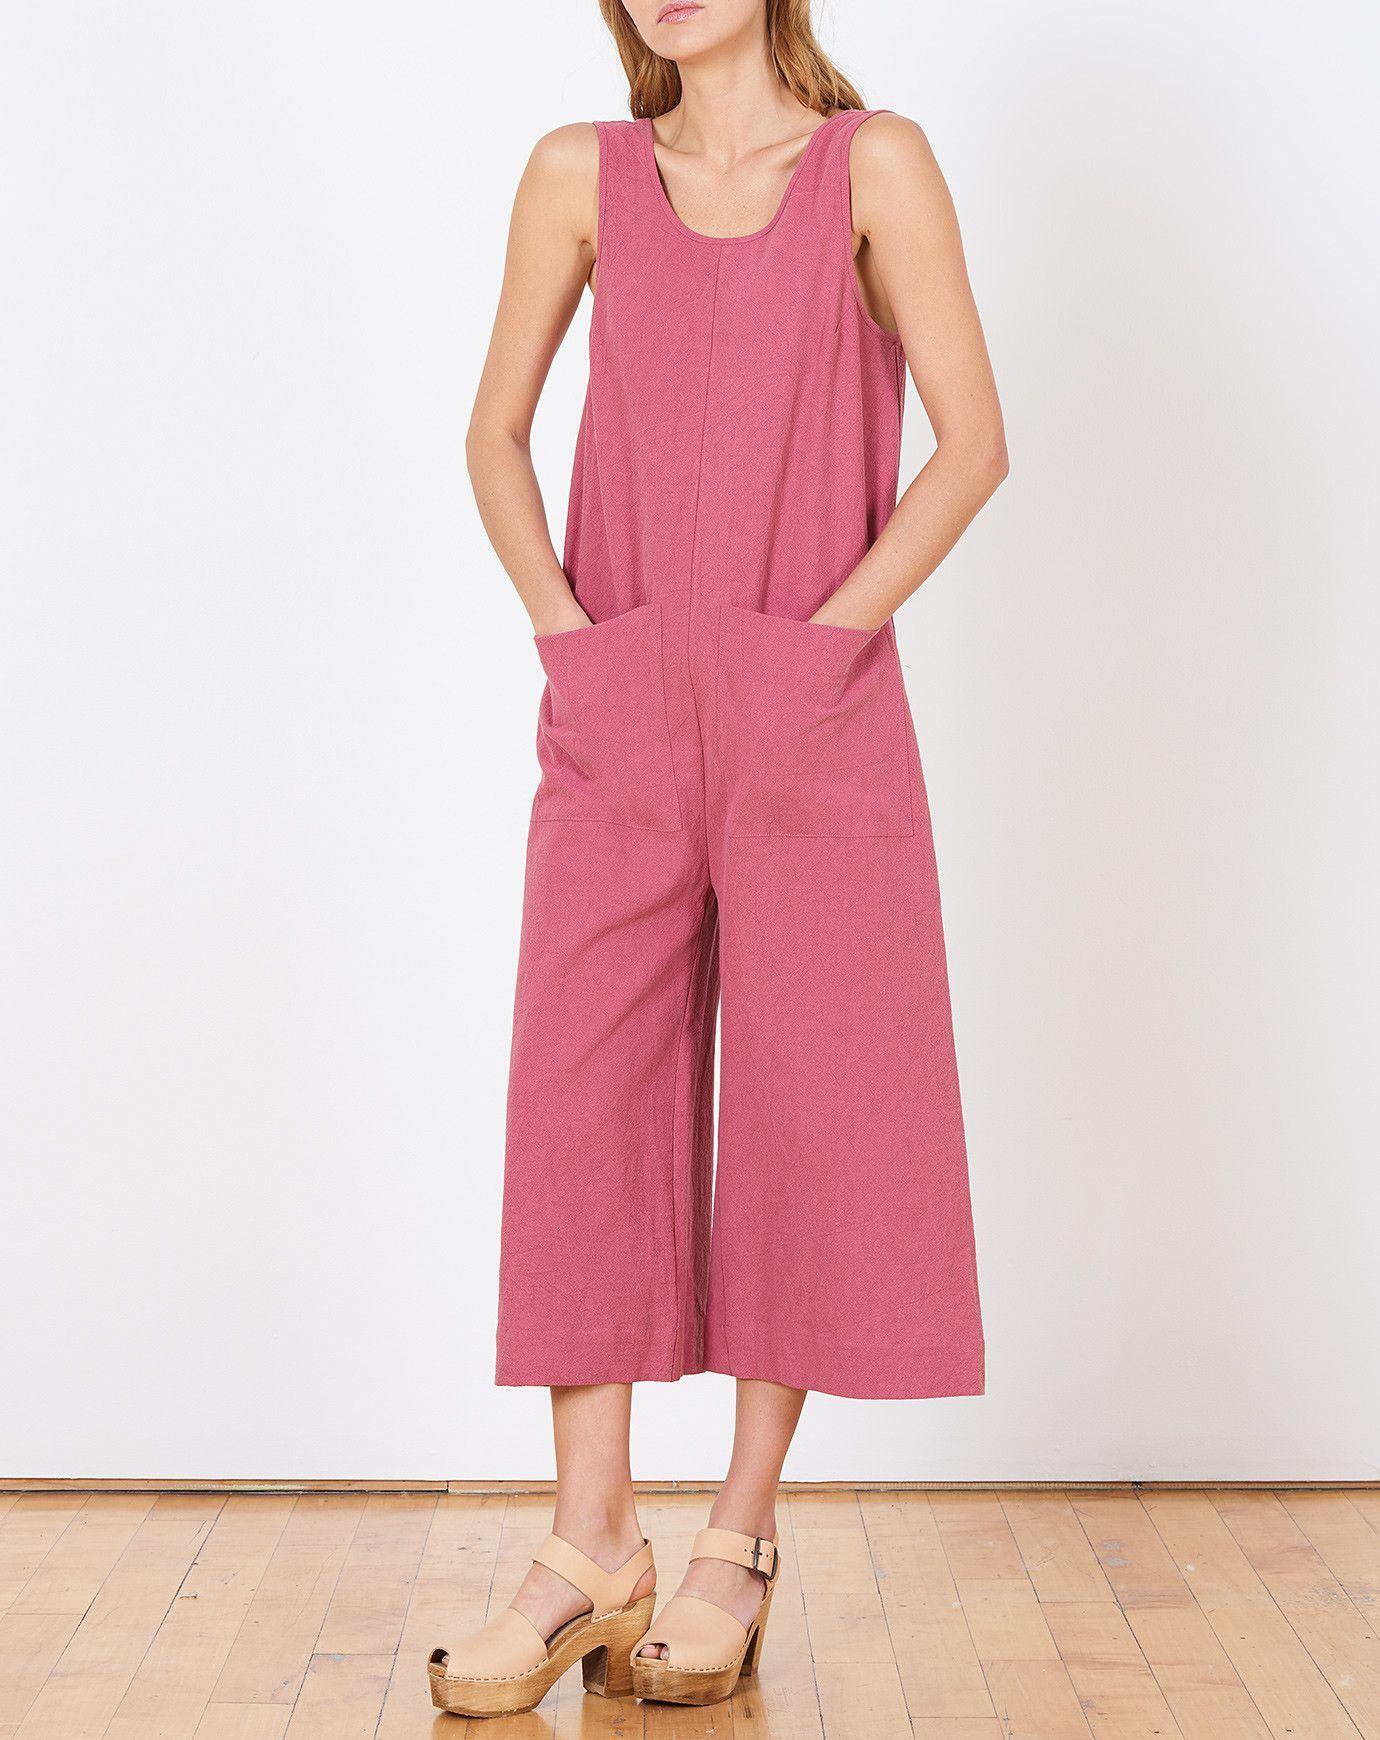 Ilana Kohn Milo Jumpsuit In Rose Her Pinterest Style Jumpsuit